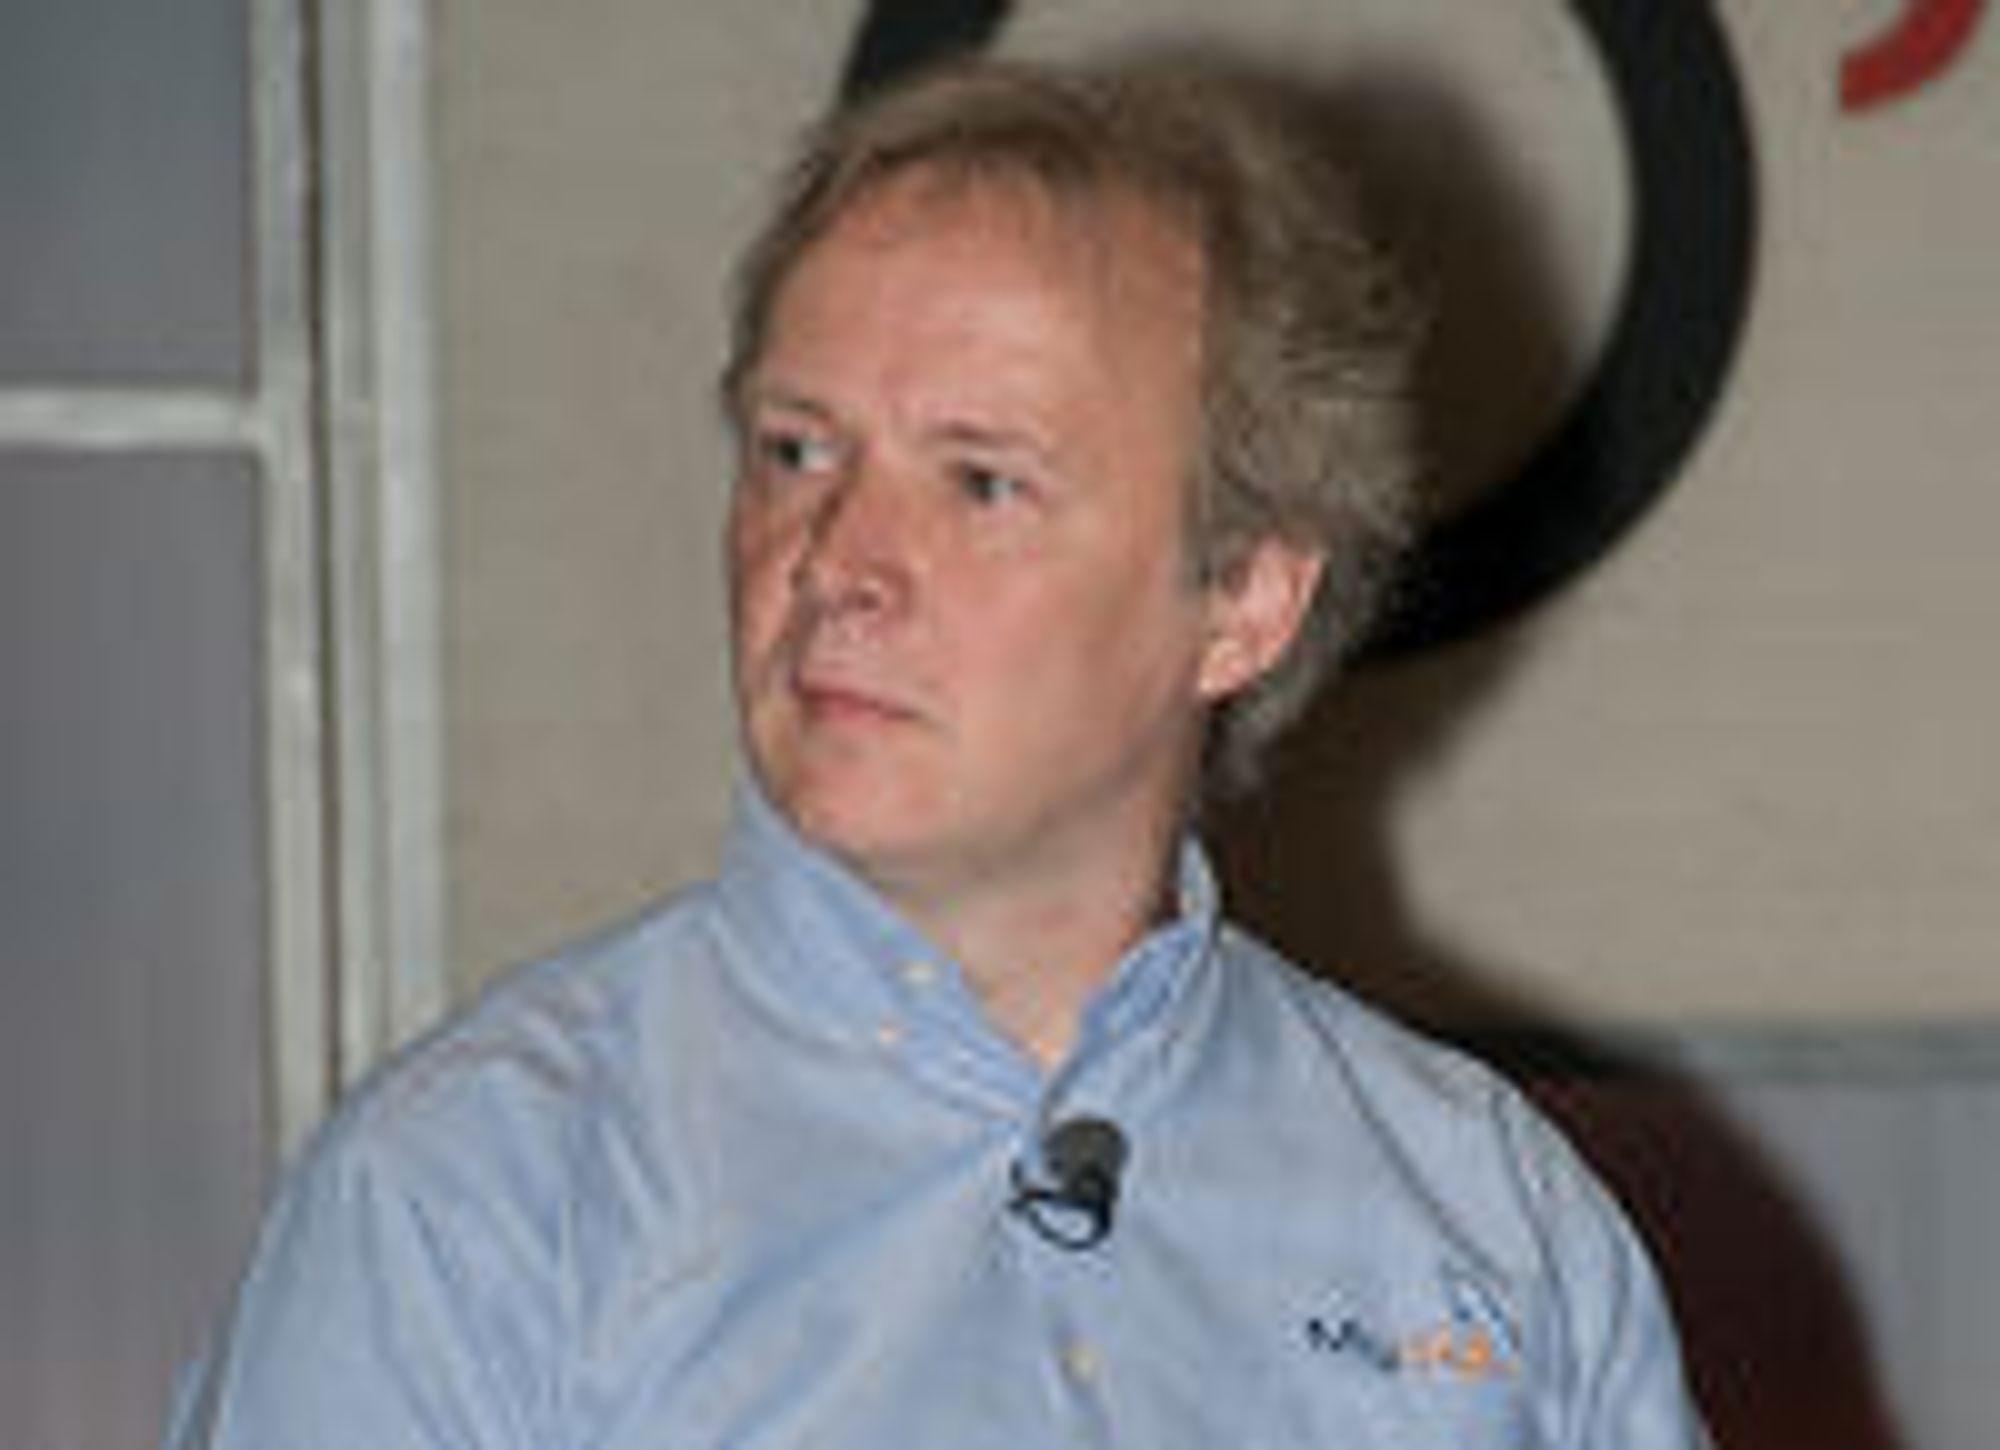 MySQL-gründer Michael Widenius. Hans datter My skal ifølge Wikipedia ha gitt navn til den kjente databasen. Foto: Sebastian Bergmann, creative commons